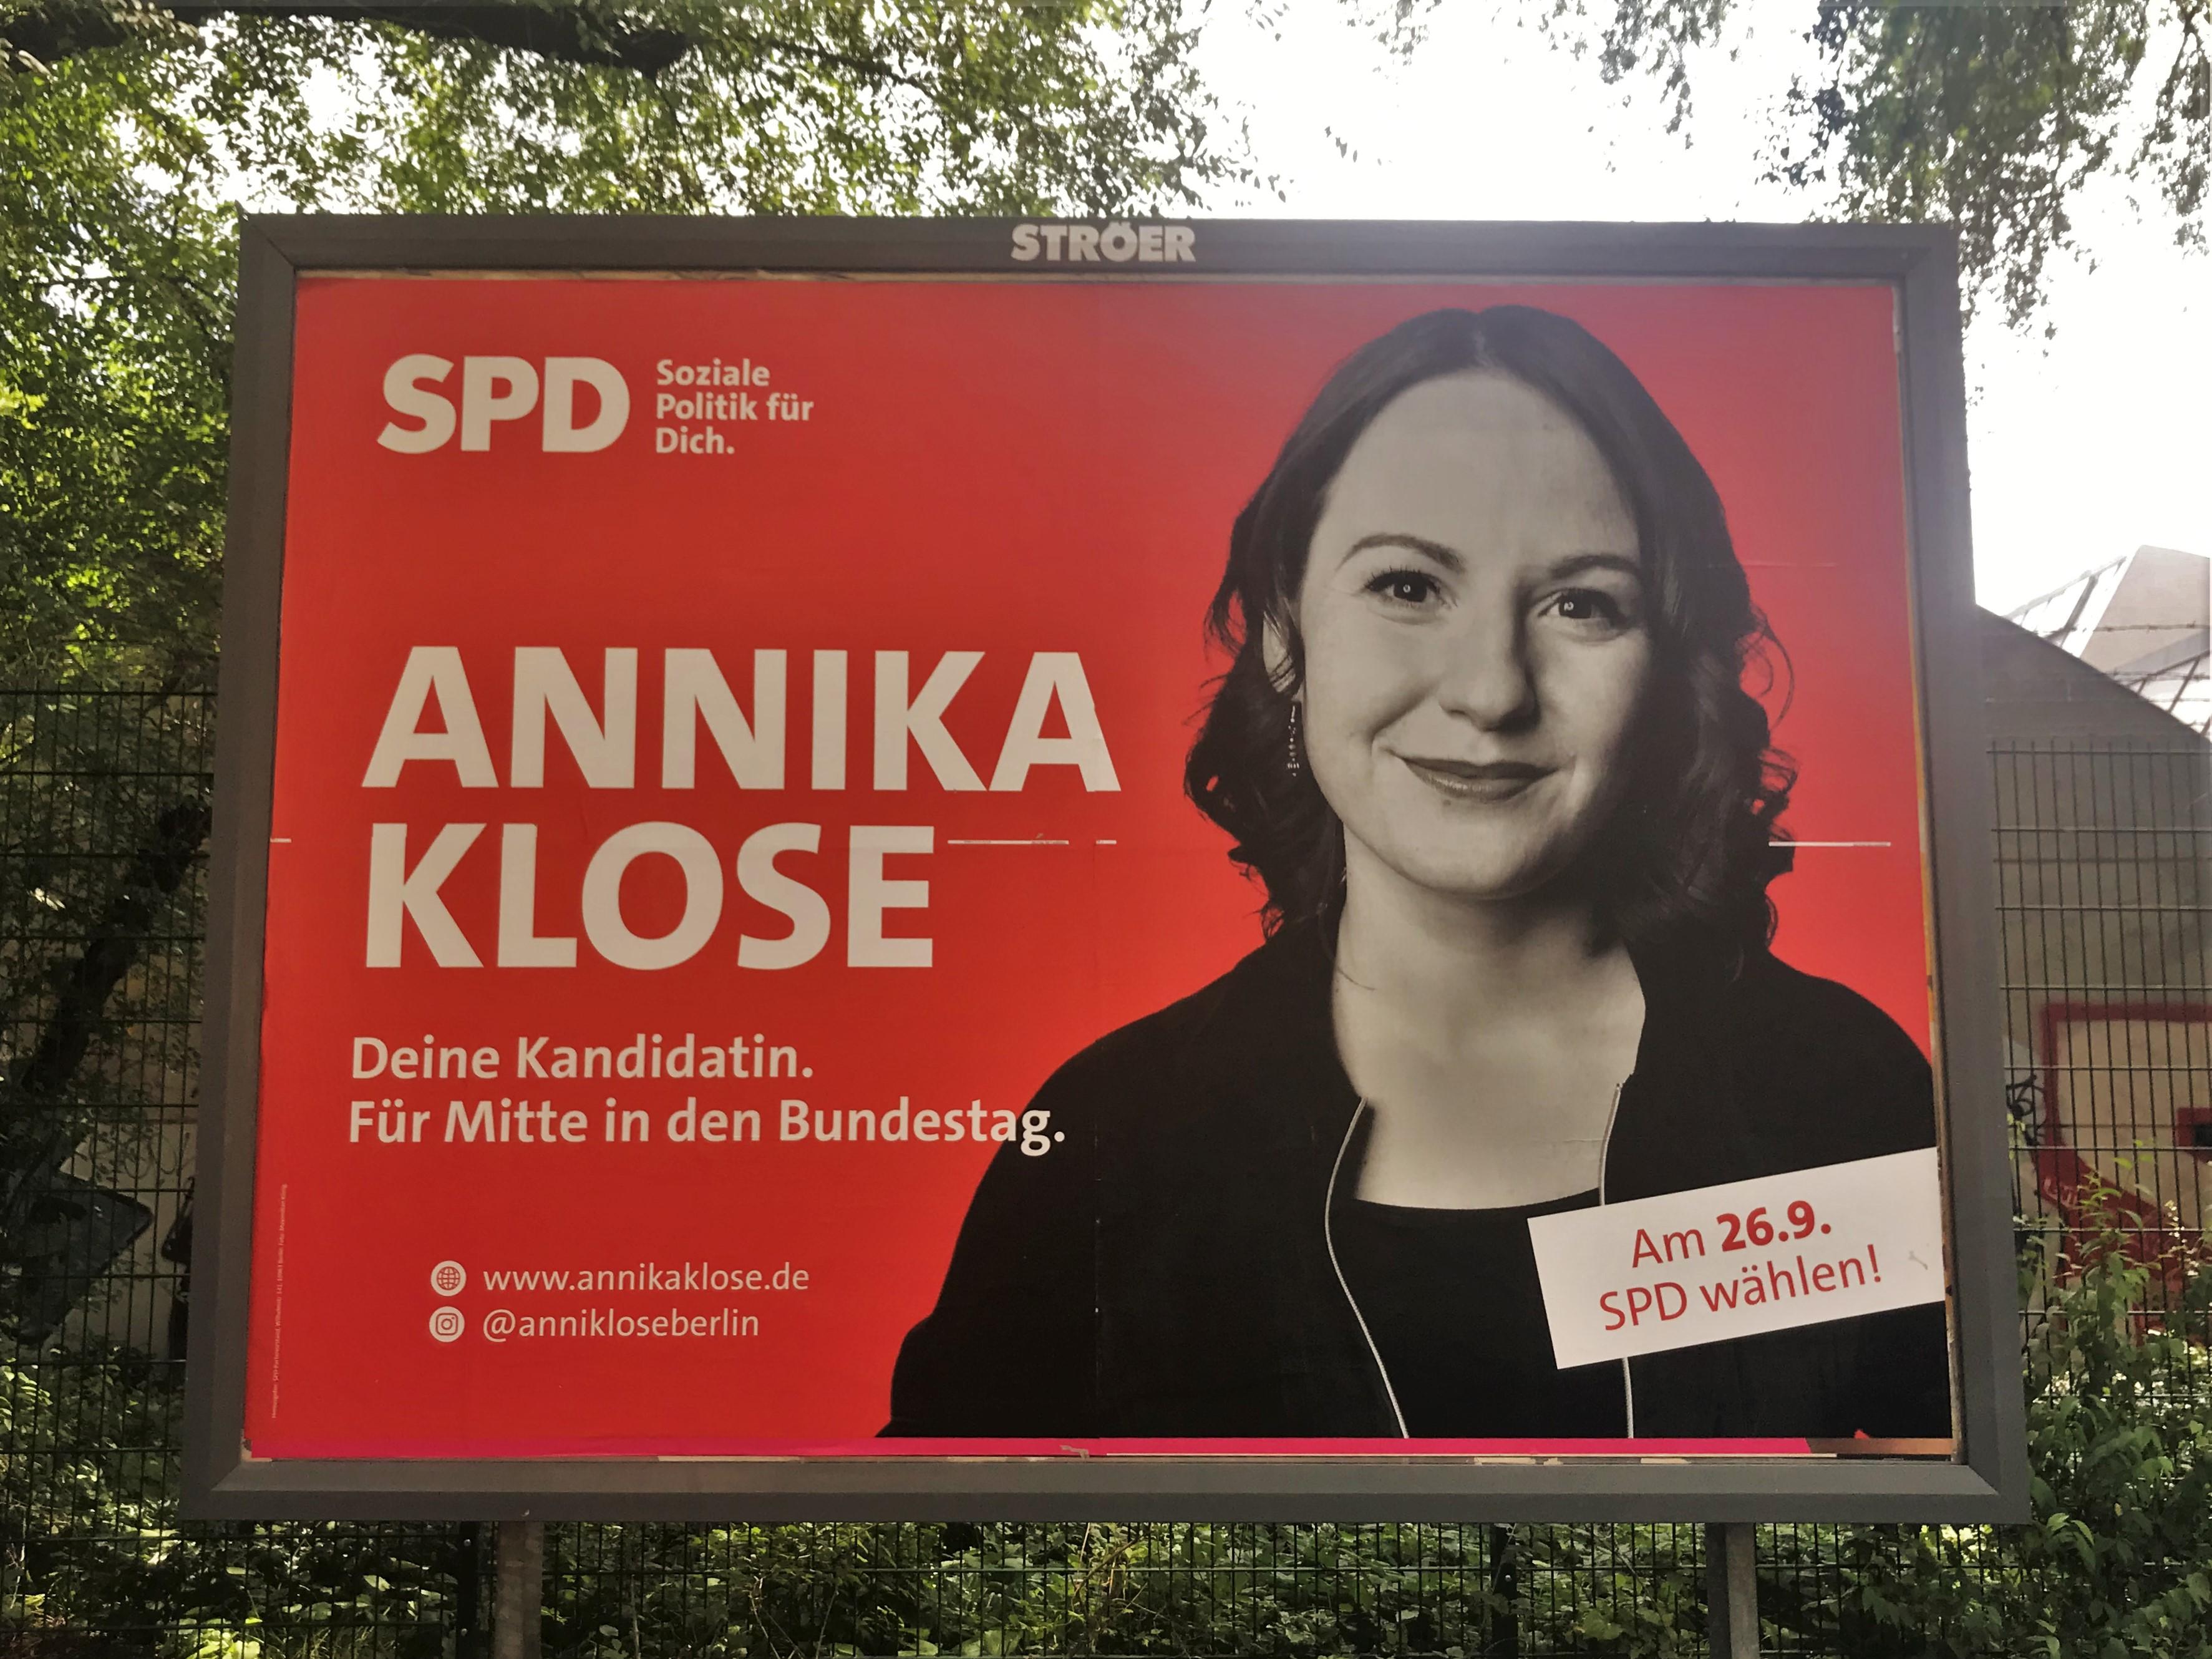 Großplakat von Annika Klose